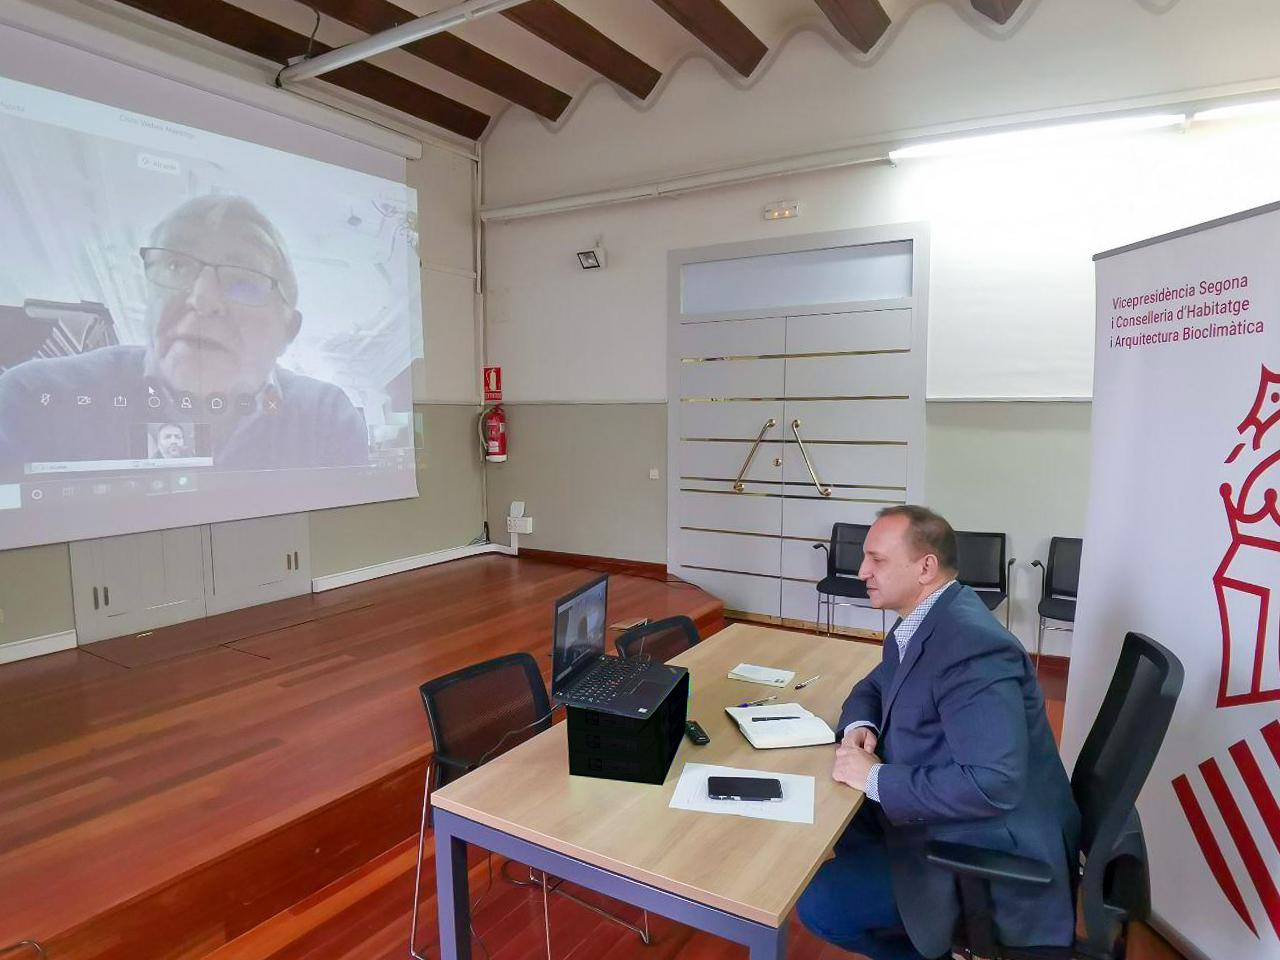 Martínez Dalmau y el alcalde de València coinciden en la necesidad de sincronizar actuaciones para dar respuestas a las necesidades en vivienda